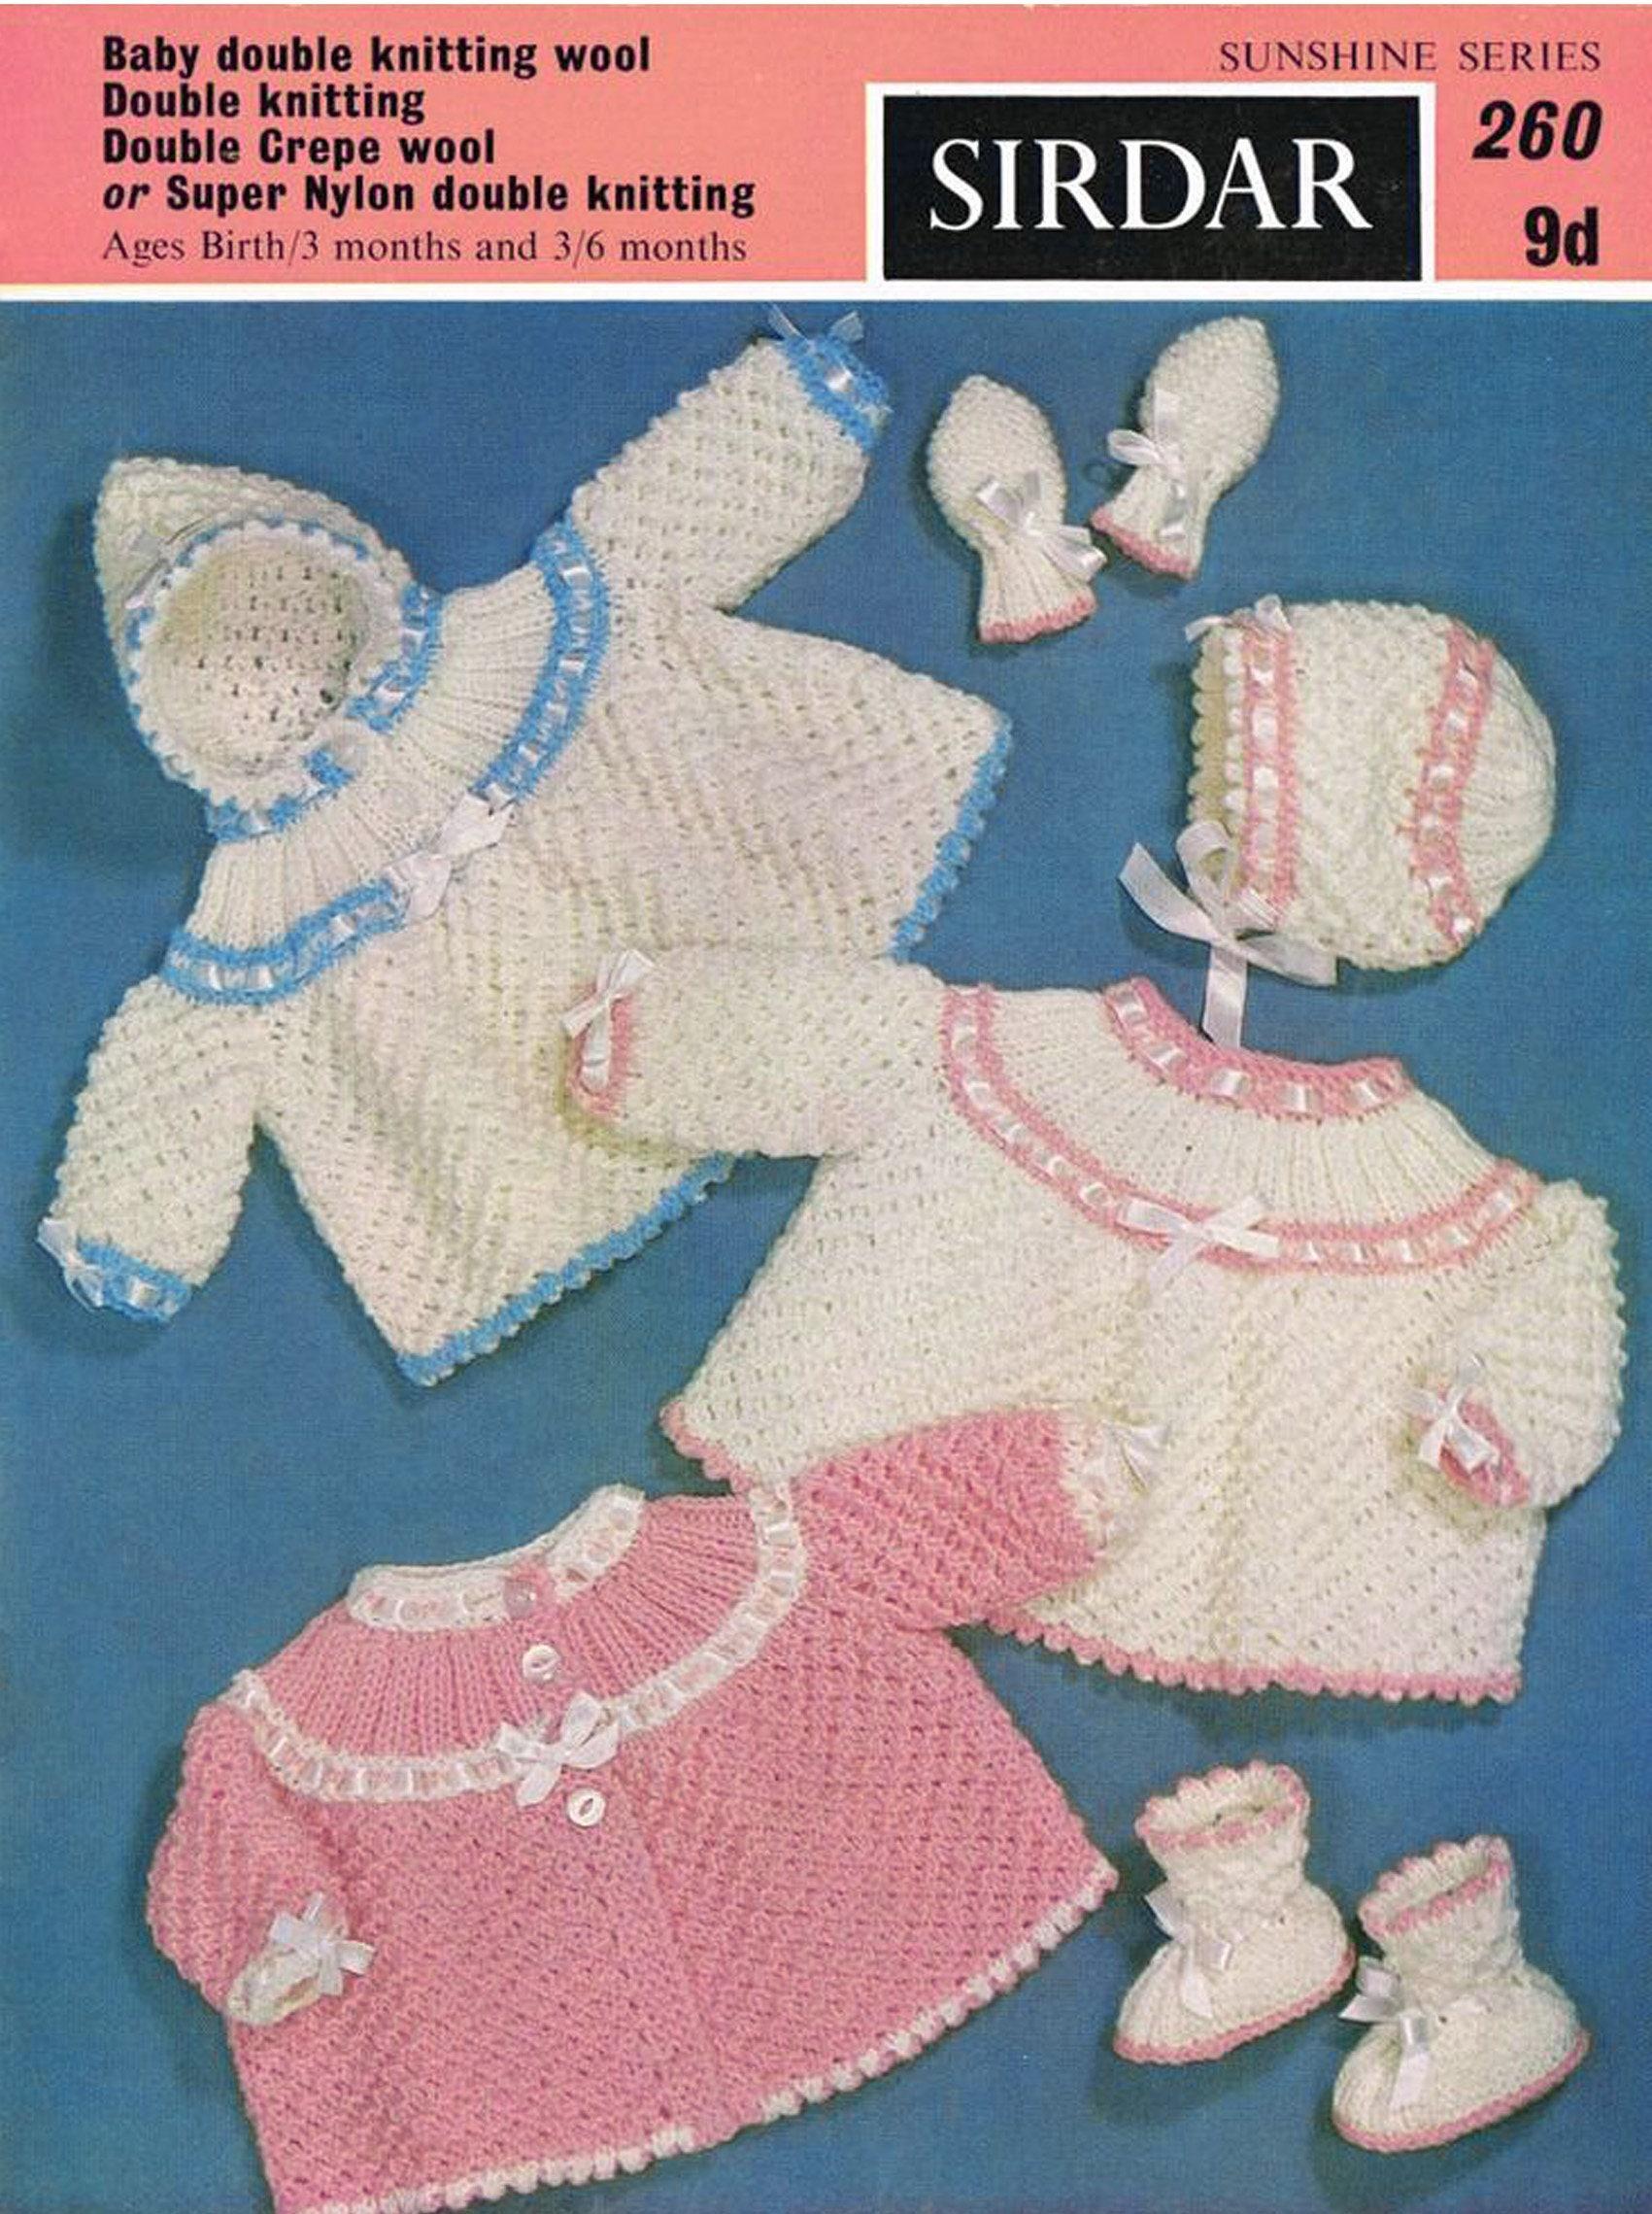 PDF Vintage Baby Knitting Pattern Sirdar 260 Sunshine Series Angel ...